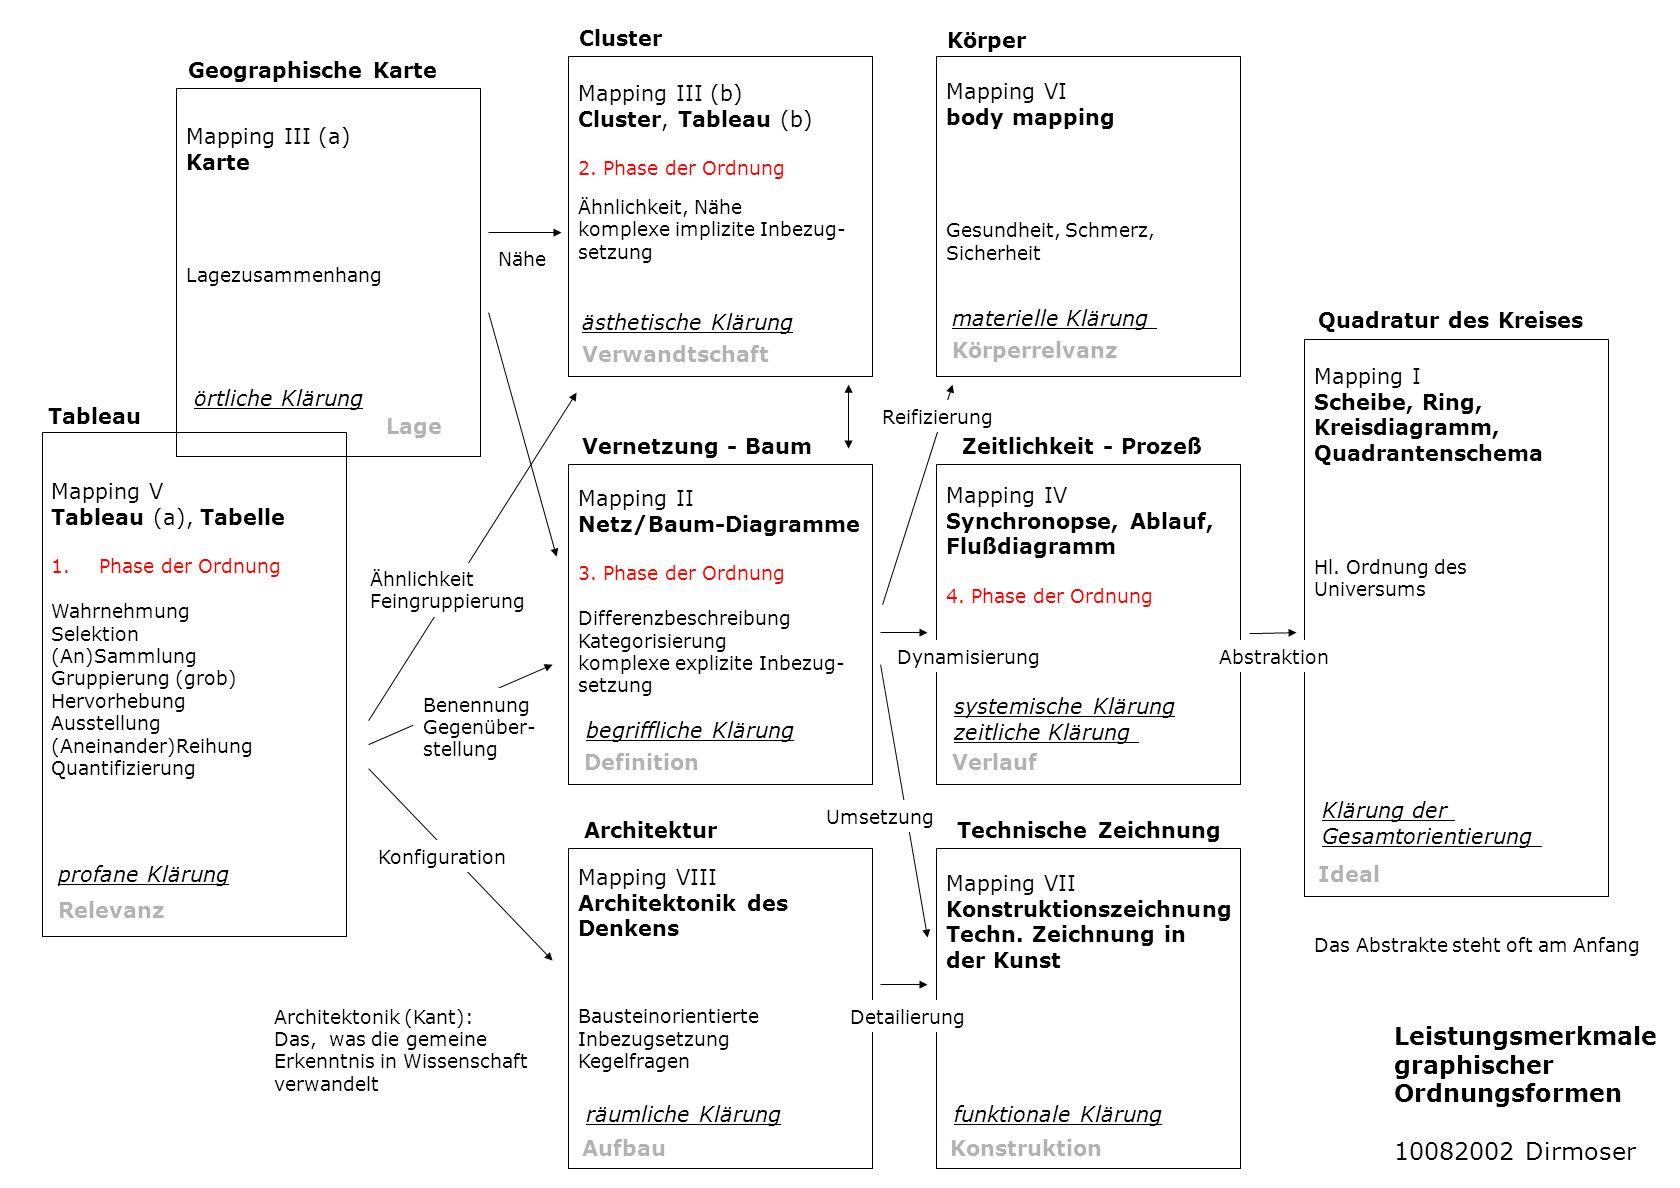 Mapping V Tableau (a), Tabelle Versammlung Erste Sichtung Wahrnehmung Selektion (An)Sammlung Gruppierung (grob) Hervorhebung Ausstellung (Aneinander)Reihung Quantifizierung Tableau Mapping III (a) Karte Lagezusammenhang Geographische Karte Mapping III (b) Cluster, Tableau (b) Erforschung der Ähnlichkeitsbeziehung Ähnlichkeit, Nähe komplexe implizite Inbezug- setzung Mapping II Netz/Baum-Diagramme Erforschung genetischer Beziehungen Differenzbeschreibung Kategorisierung komplexe explizite Inbezug- setzung Mapping VIII Architektonik des Denkens Bausteinorientierte Inbezugsetzung Kegelfragen Cluster Vernetzung - Baum Architektur Mapping VI body mapping Gesundheit, Schmerz, Sicherheit Mapping IV Synchronopse, Ablauf, Flußdiagramm Rekonstruktion des Geschehens Zeitlichkeit - Prozeß Körper Mapping I Scheibe, Ring, Kreisdiagramm, Quadrantenschema Hl.